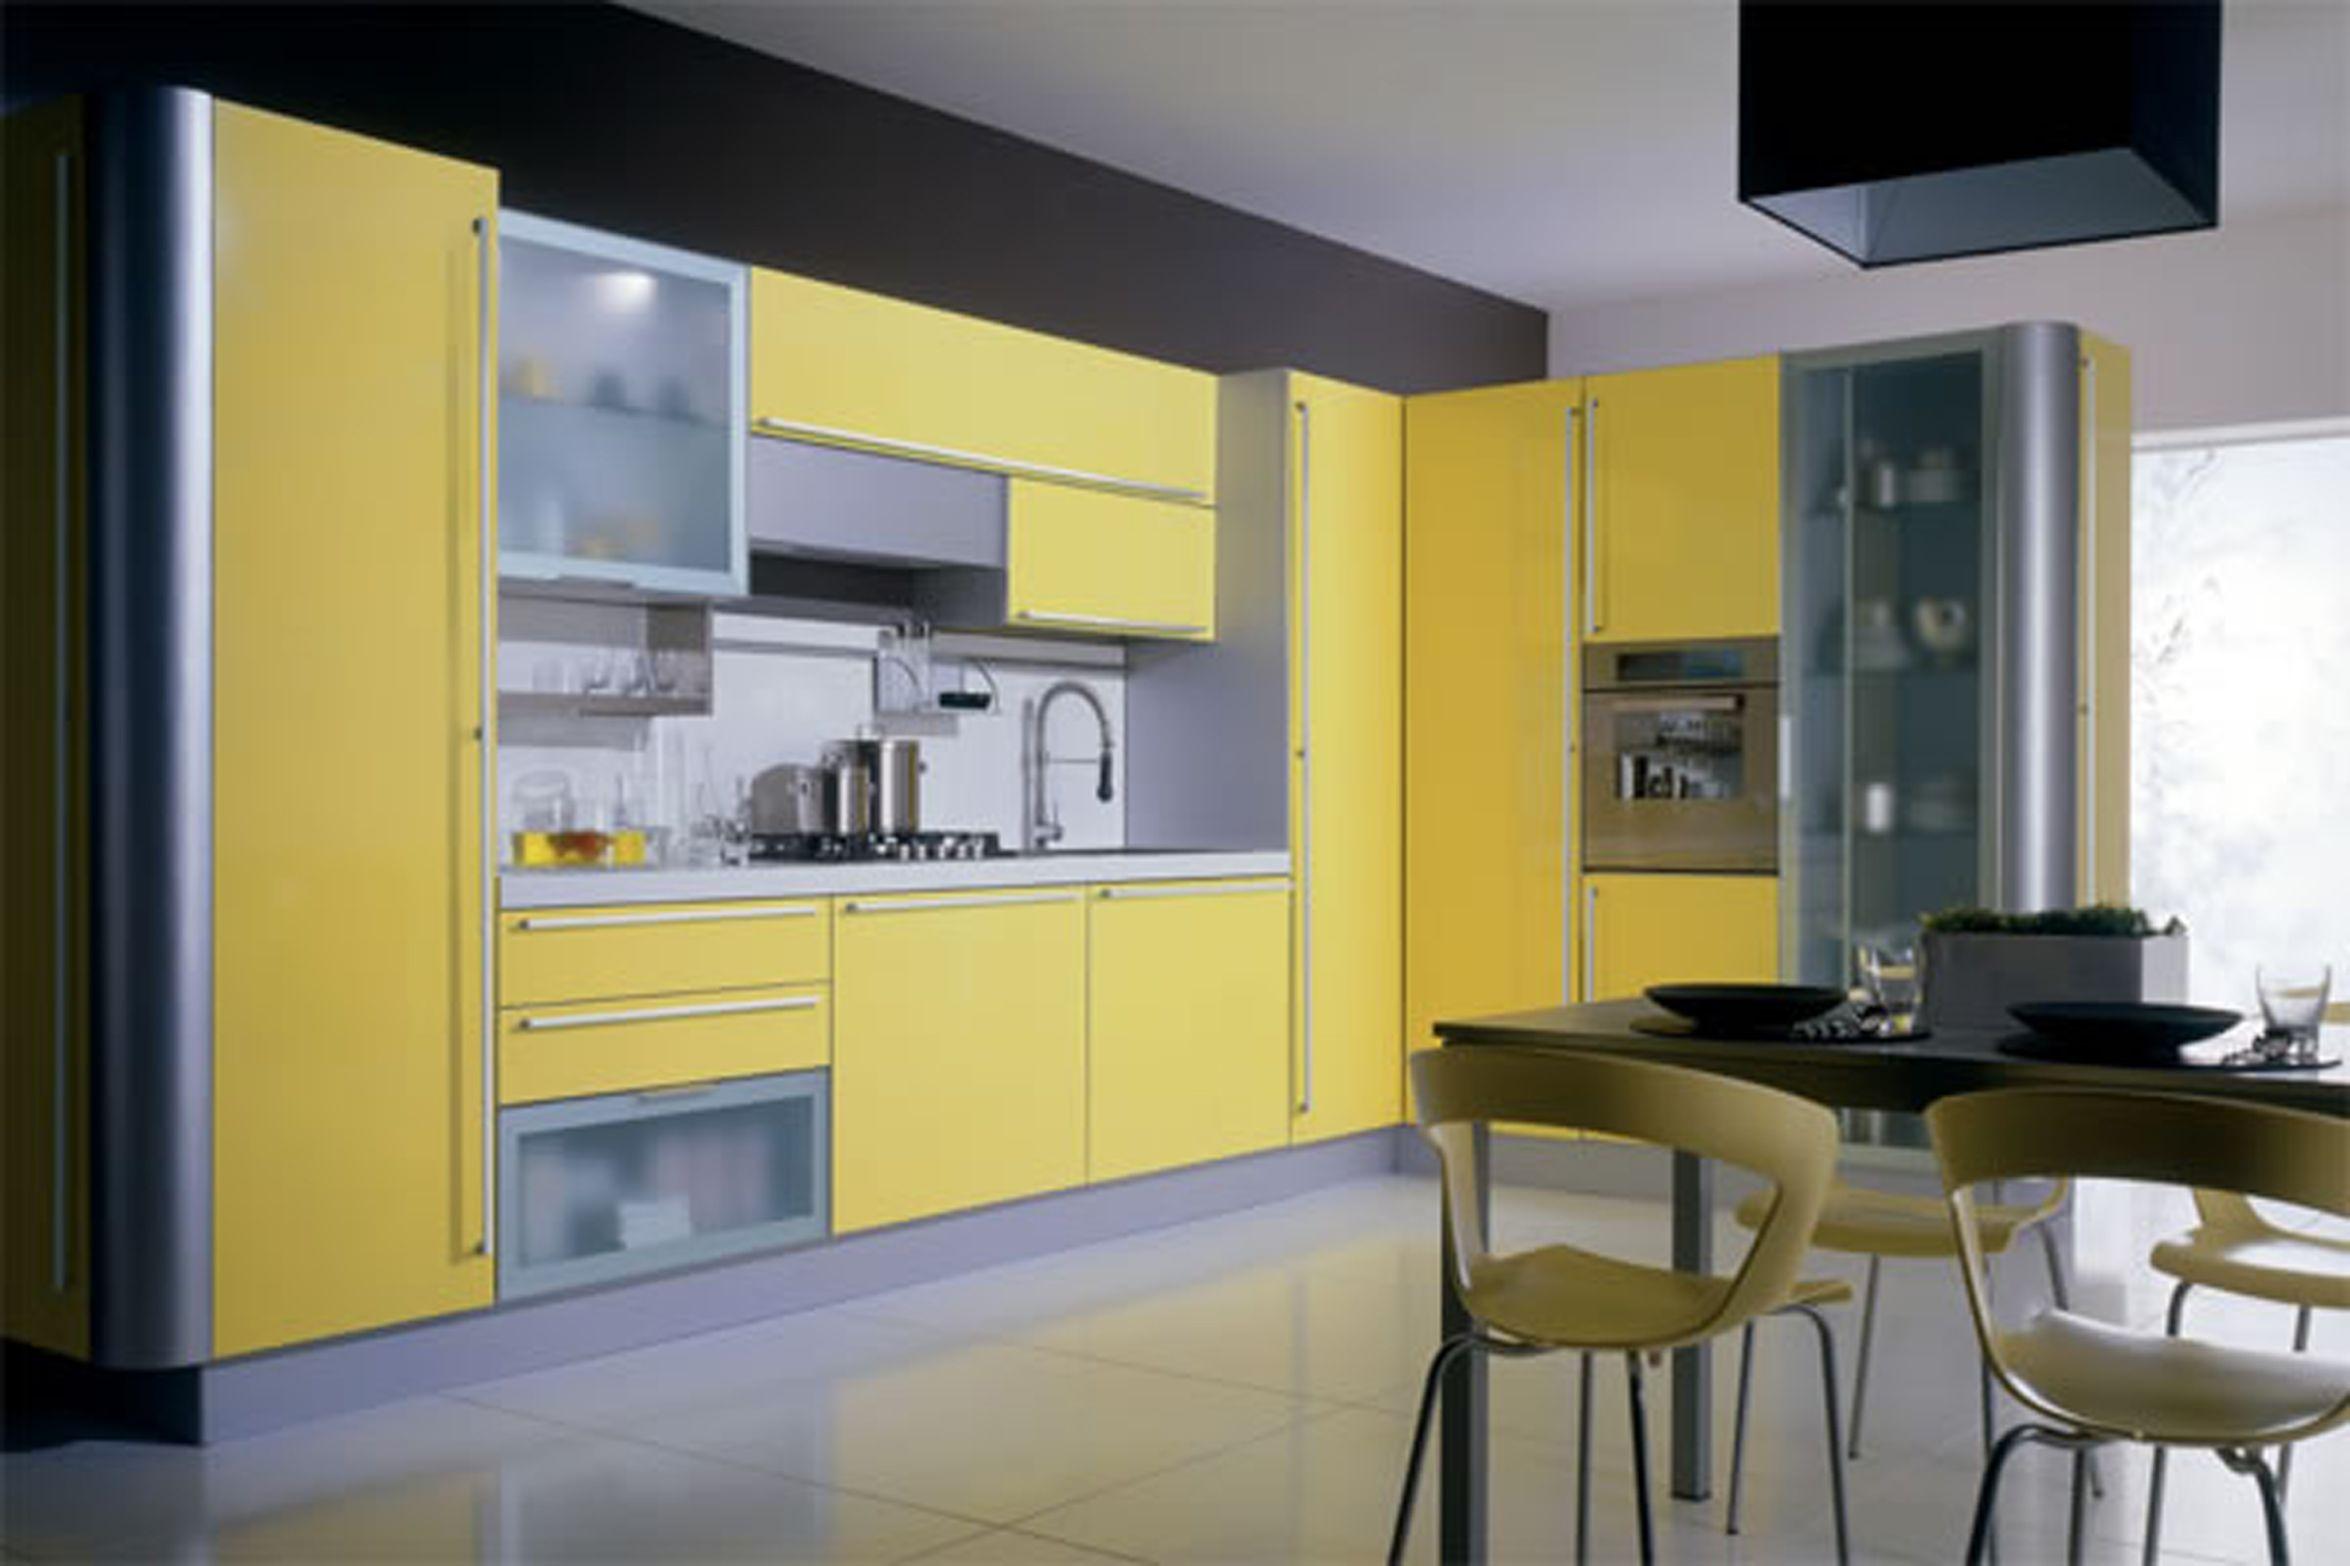 l shaped kitchen design ideas kitchen floor design ideas kitchen ...